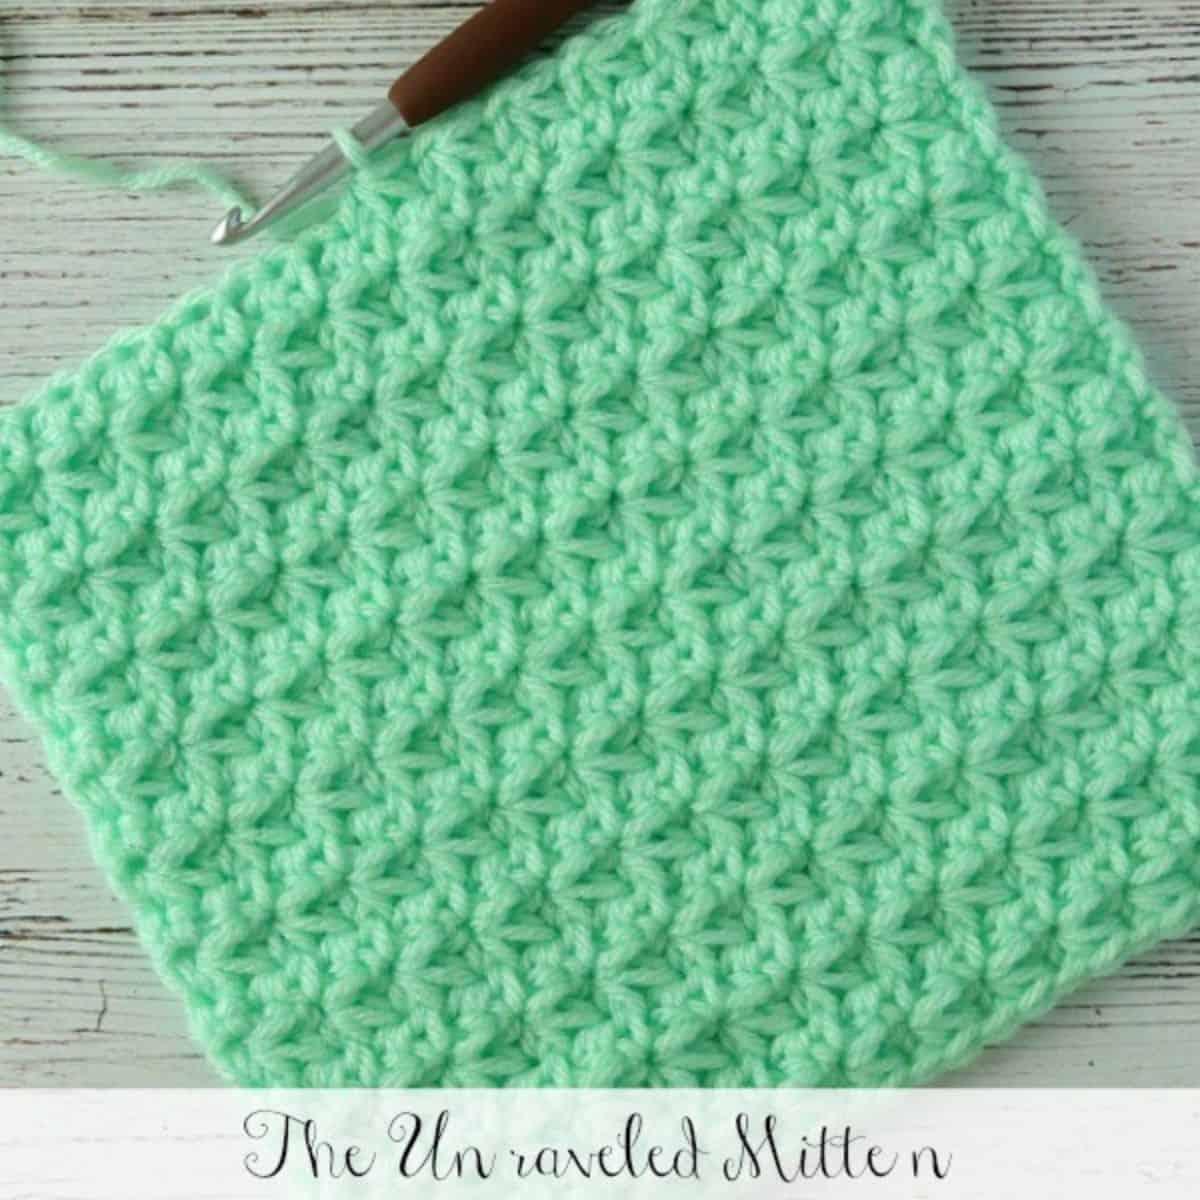 mint green trinity stitch dishcloth in progress